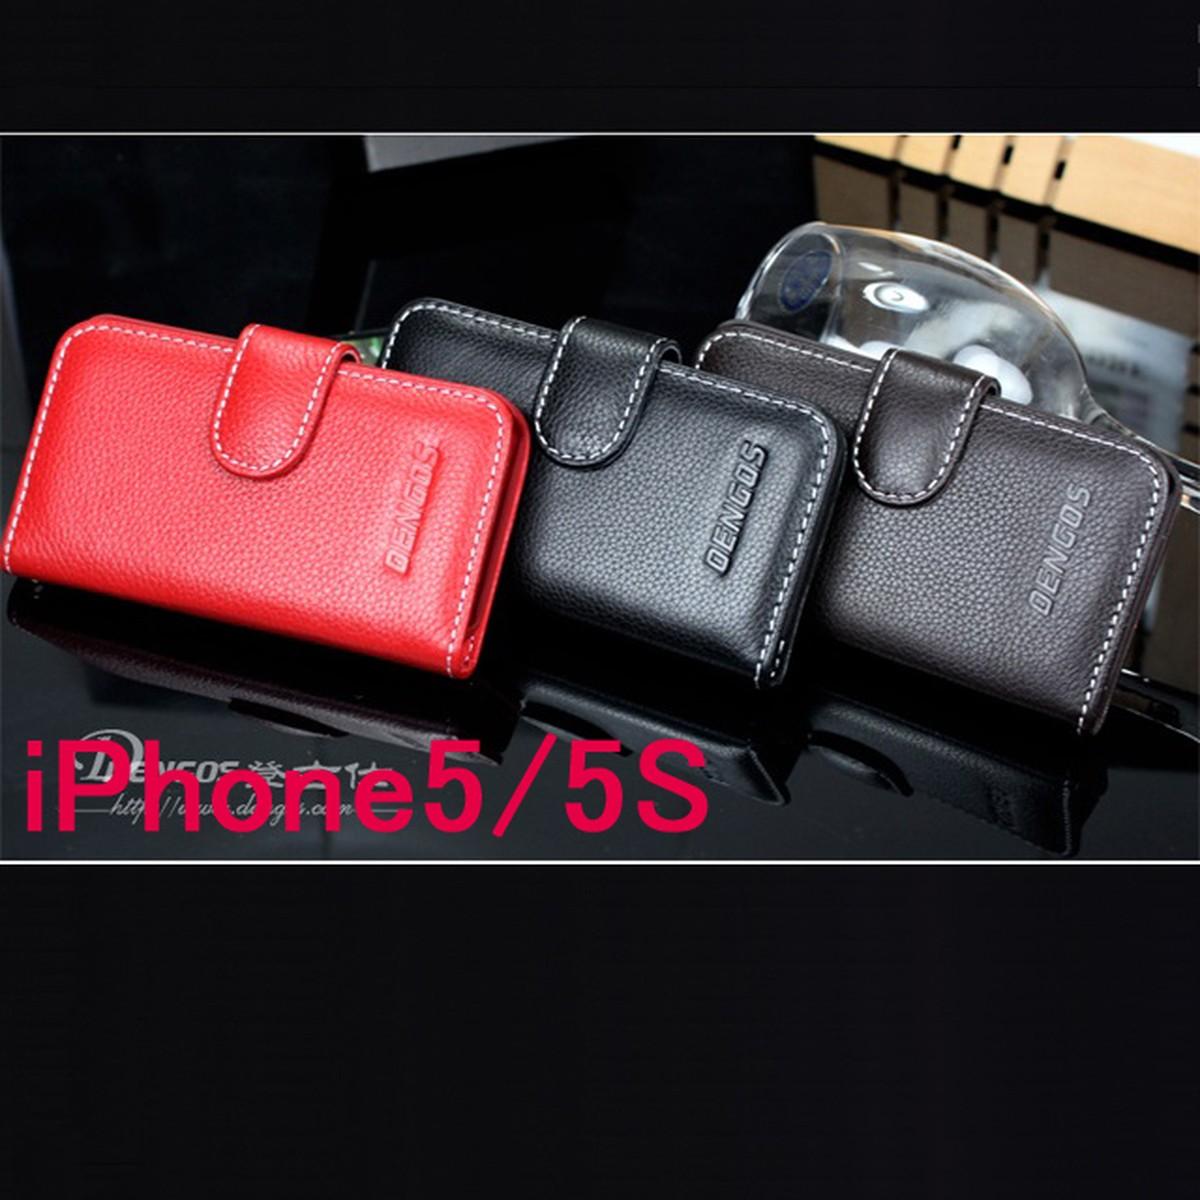 ゆうパケット メール便 日本正規品 送料200円 iPhone5 5S SE 4インチ 高級本革 牛革 カバー 本革ケースA 濃い茶 赤色 スマートフォンケース 黒色 即納最大半額